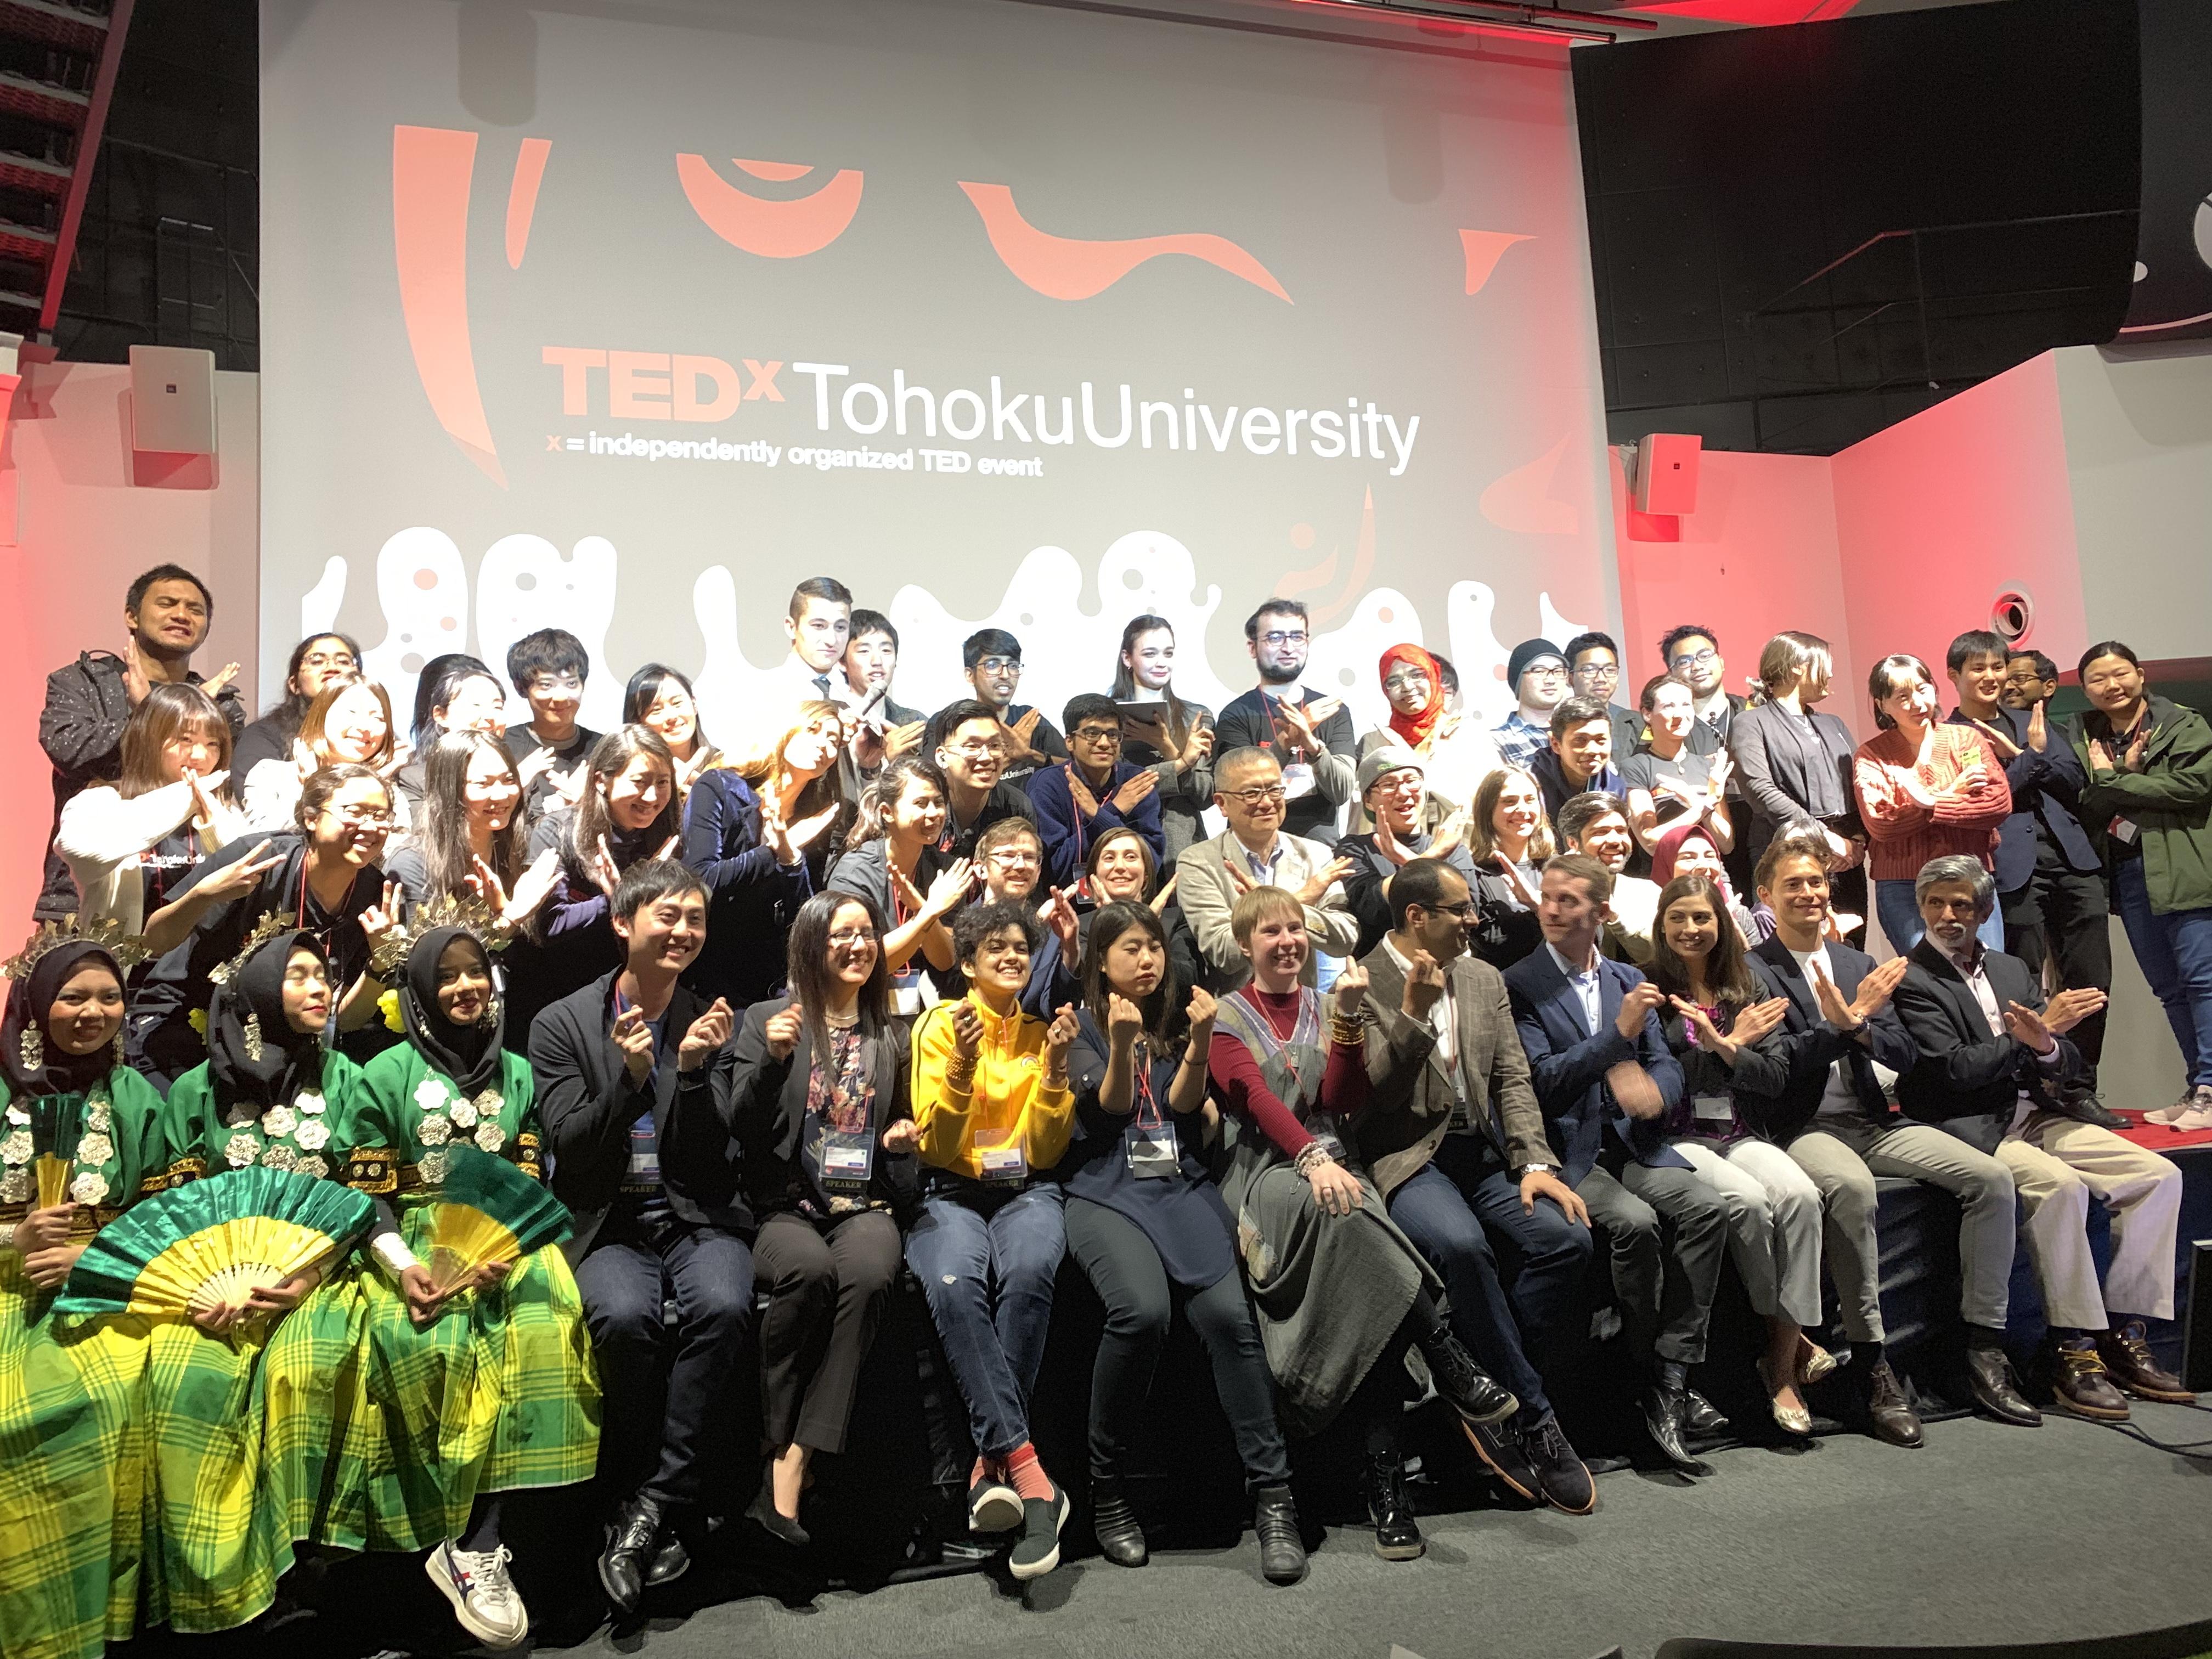 img 1092 - TEDx Tohoku University 2019